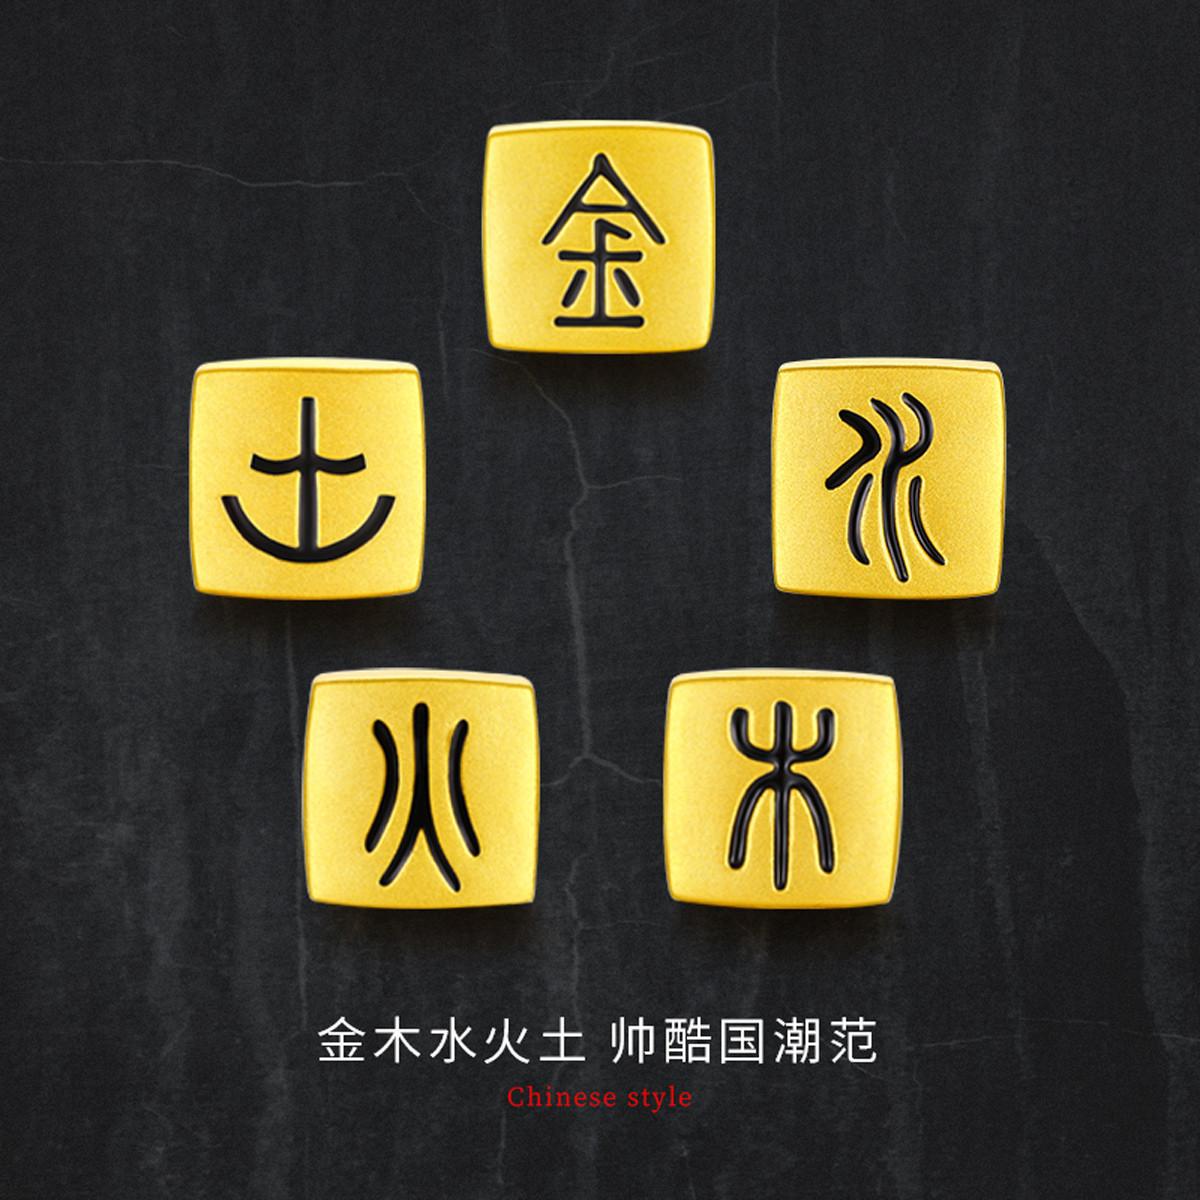 周六福【父亲节礼物】3D硬金黄金转运珠男19cmGA1738130129-YJ128-D